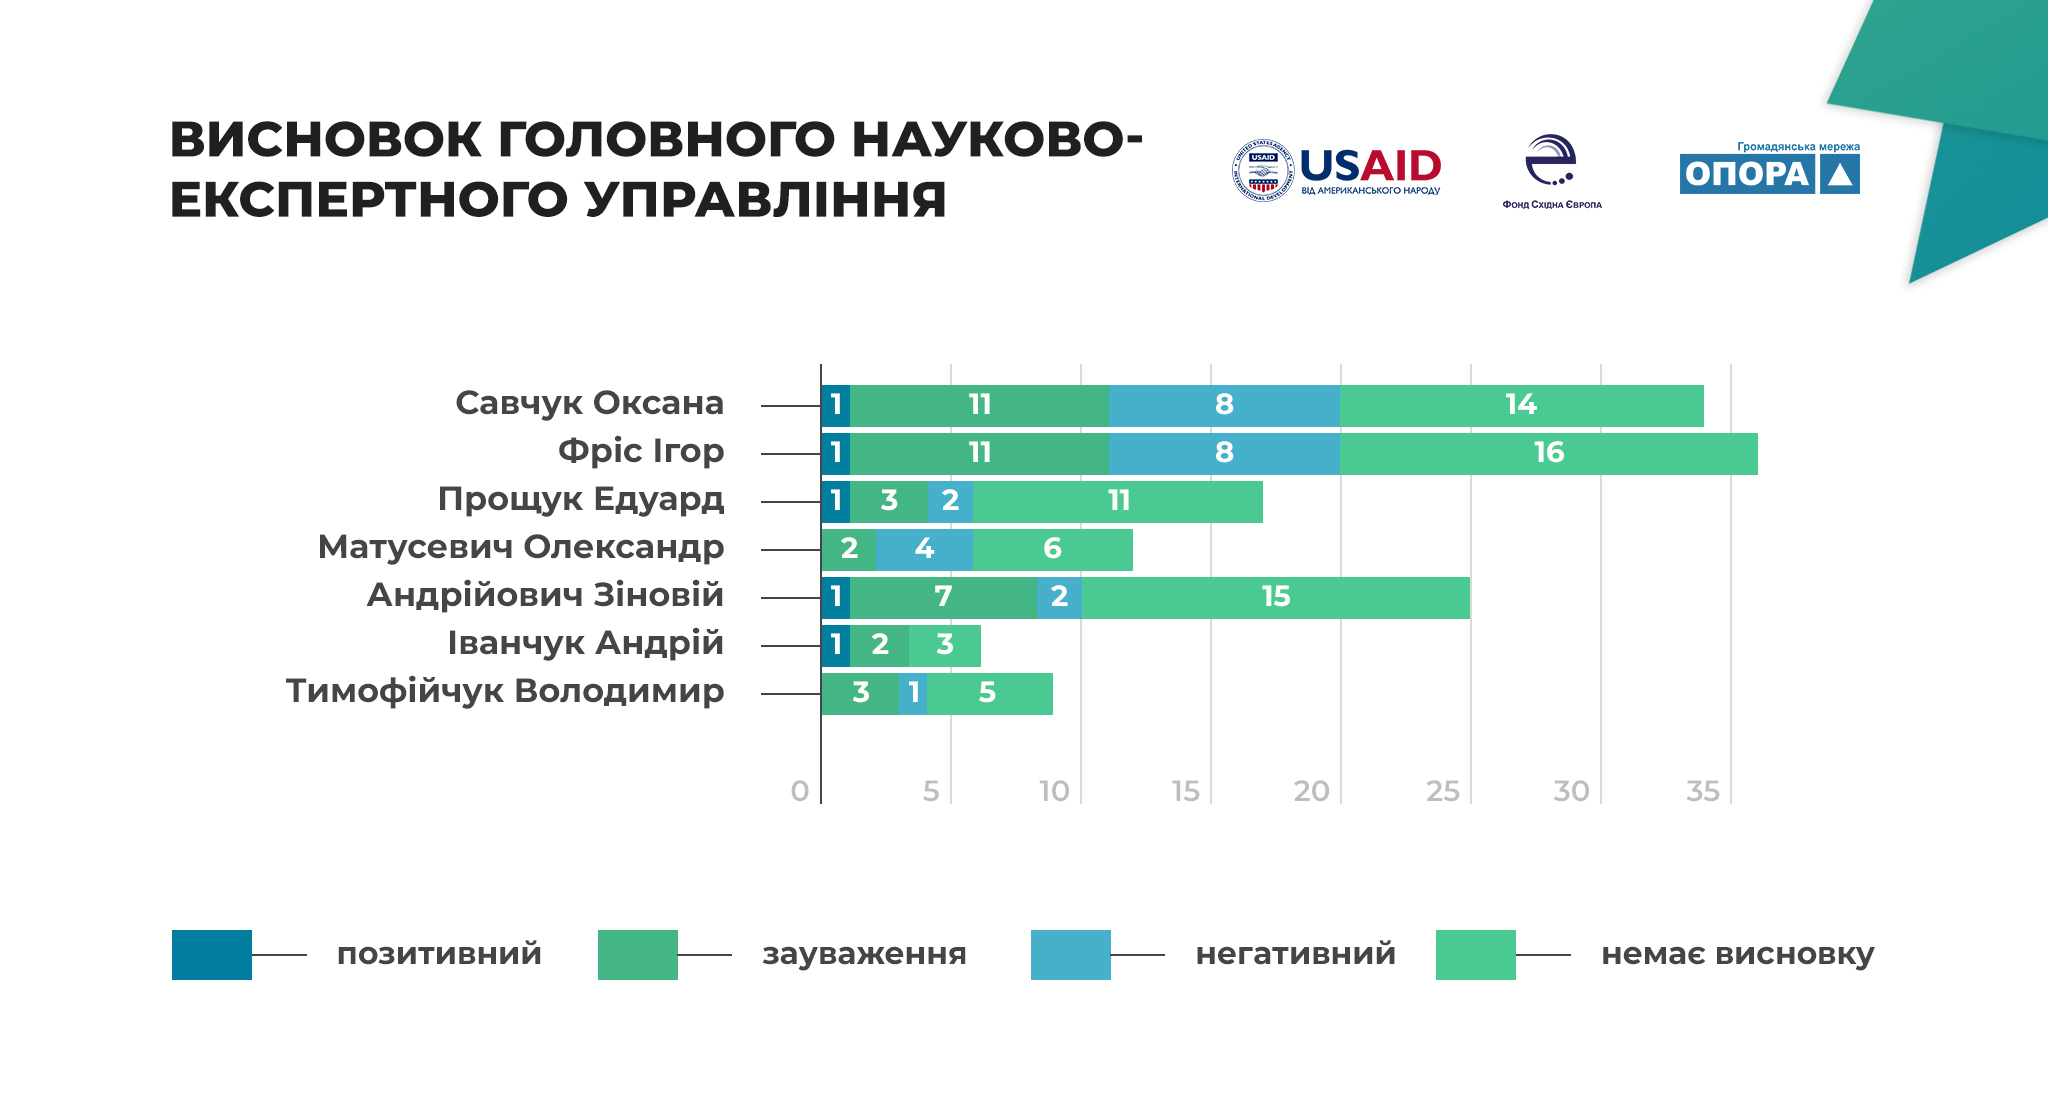 Законотворча активність і тематичні  пріоритети мажоритарників Івано-Франківщини 4